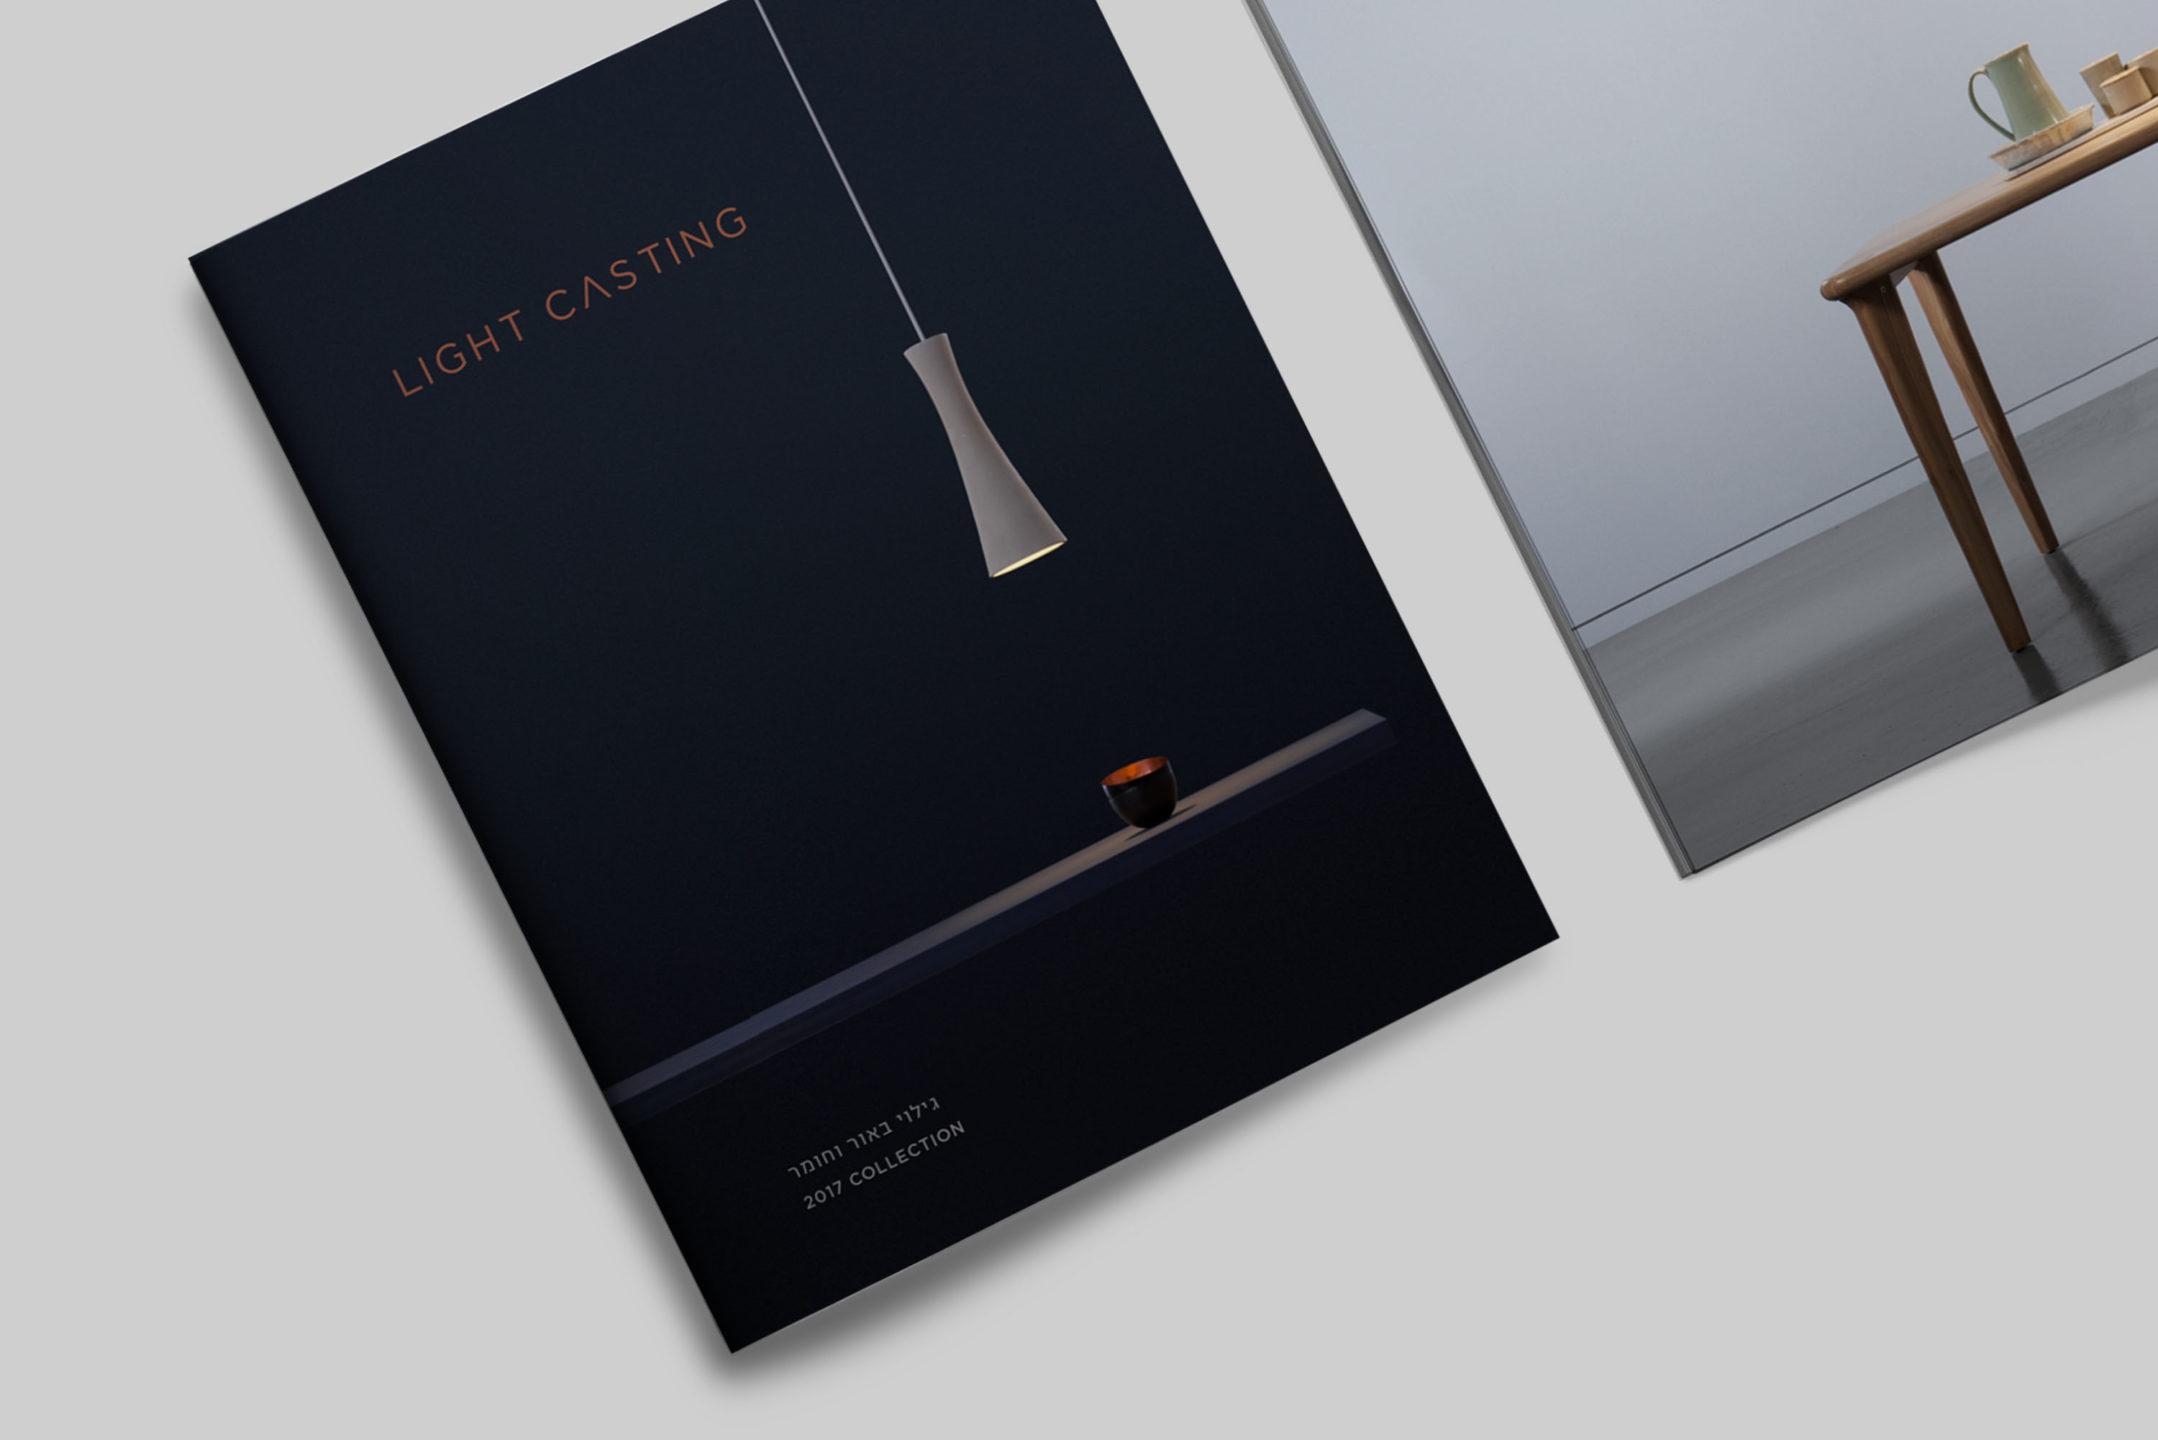 LIGHT_CASTING_COVER